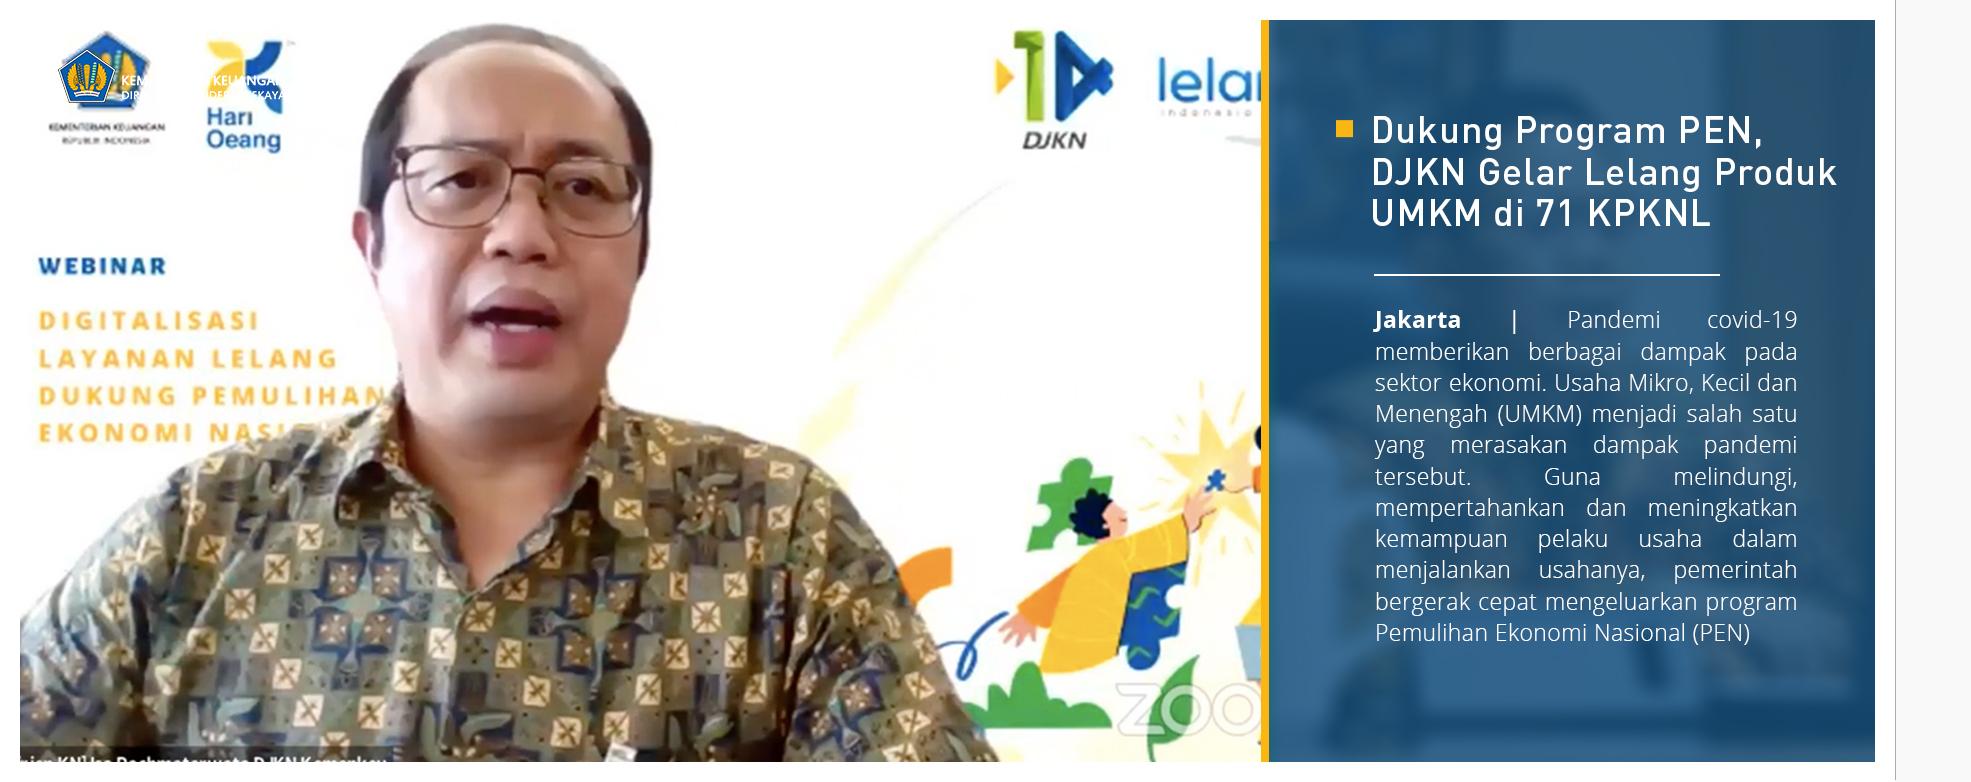 Dukung Program PEN, DJKN Gelar Lelang Produk UMKM di 71 KPKNL